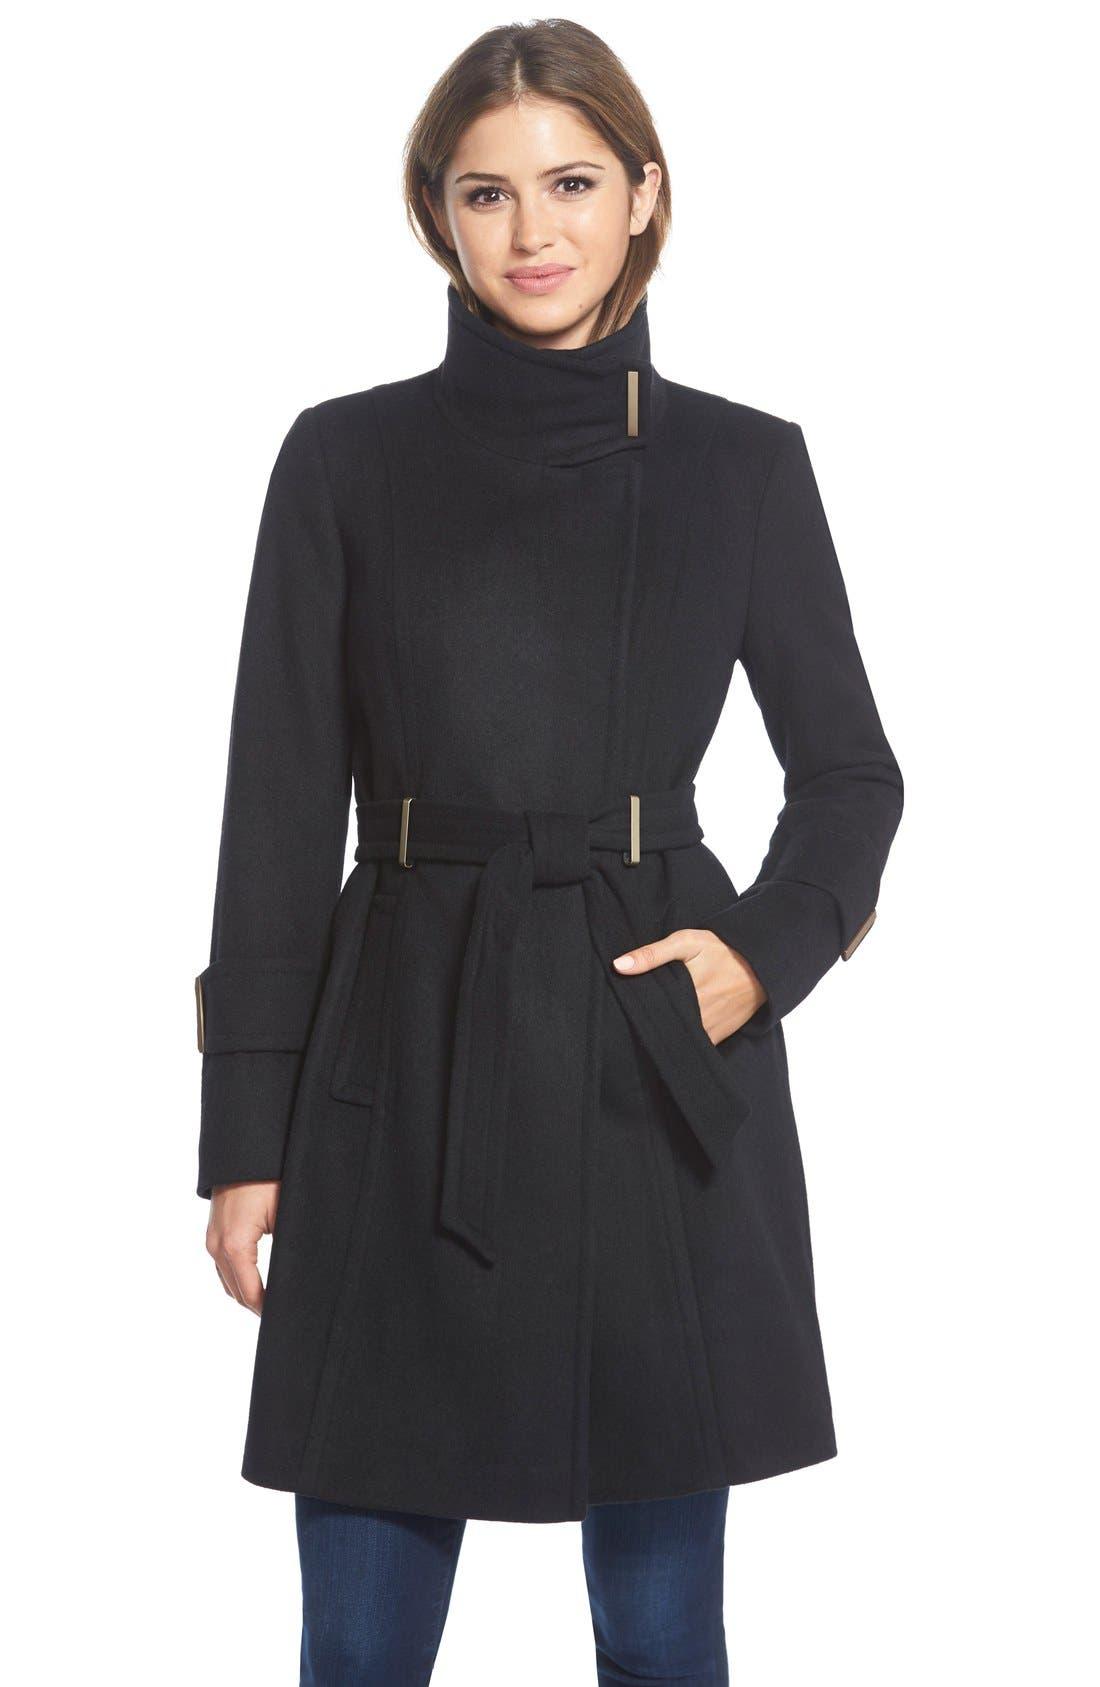 Alternate Image 1 Selected - T Tahari'India' Wool Blend Wrap Coat